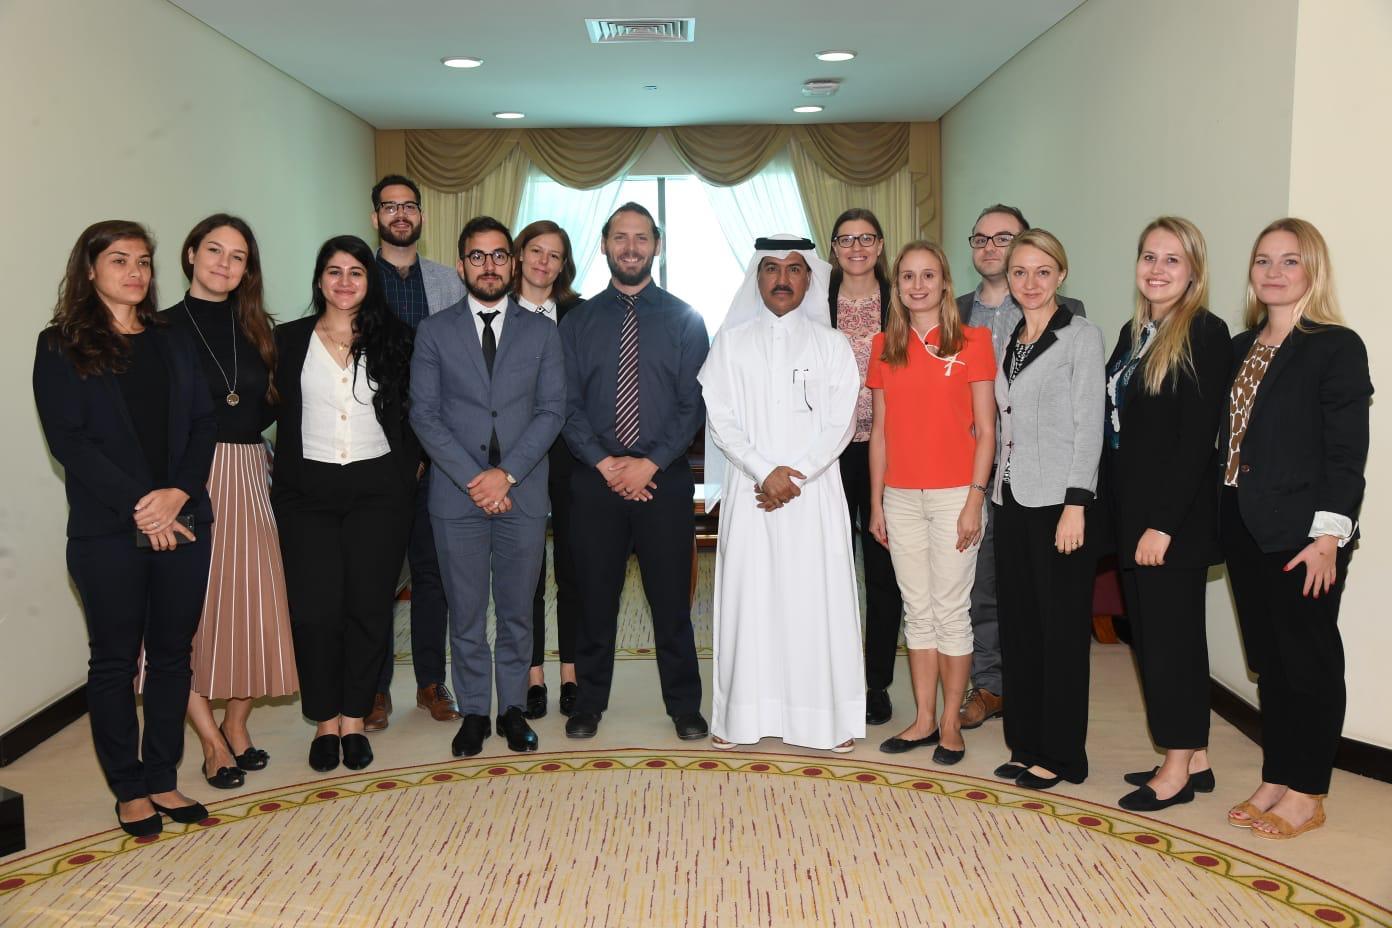 وفد زمالة الأمم المتحدة لتحالف الحضارات يختتم زيارة ناجحة إلى دولة قطر